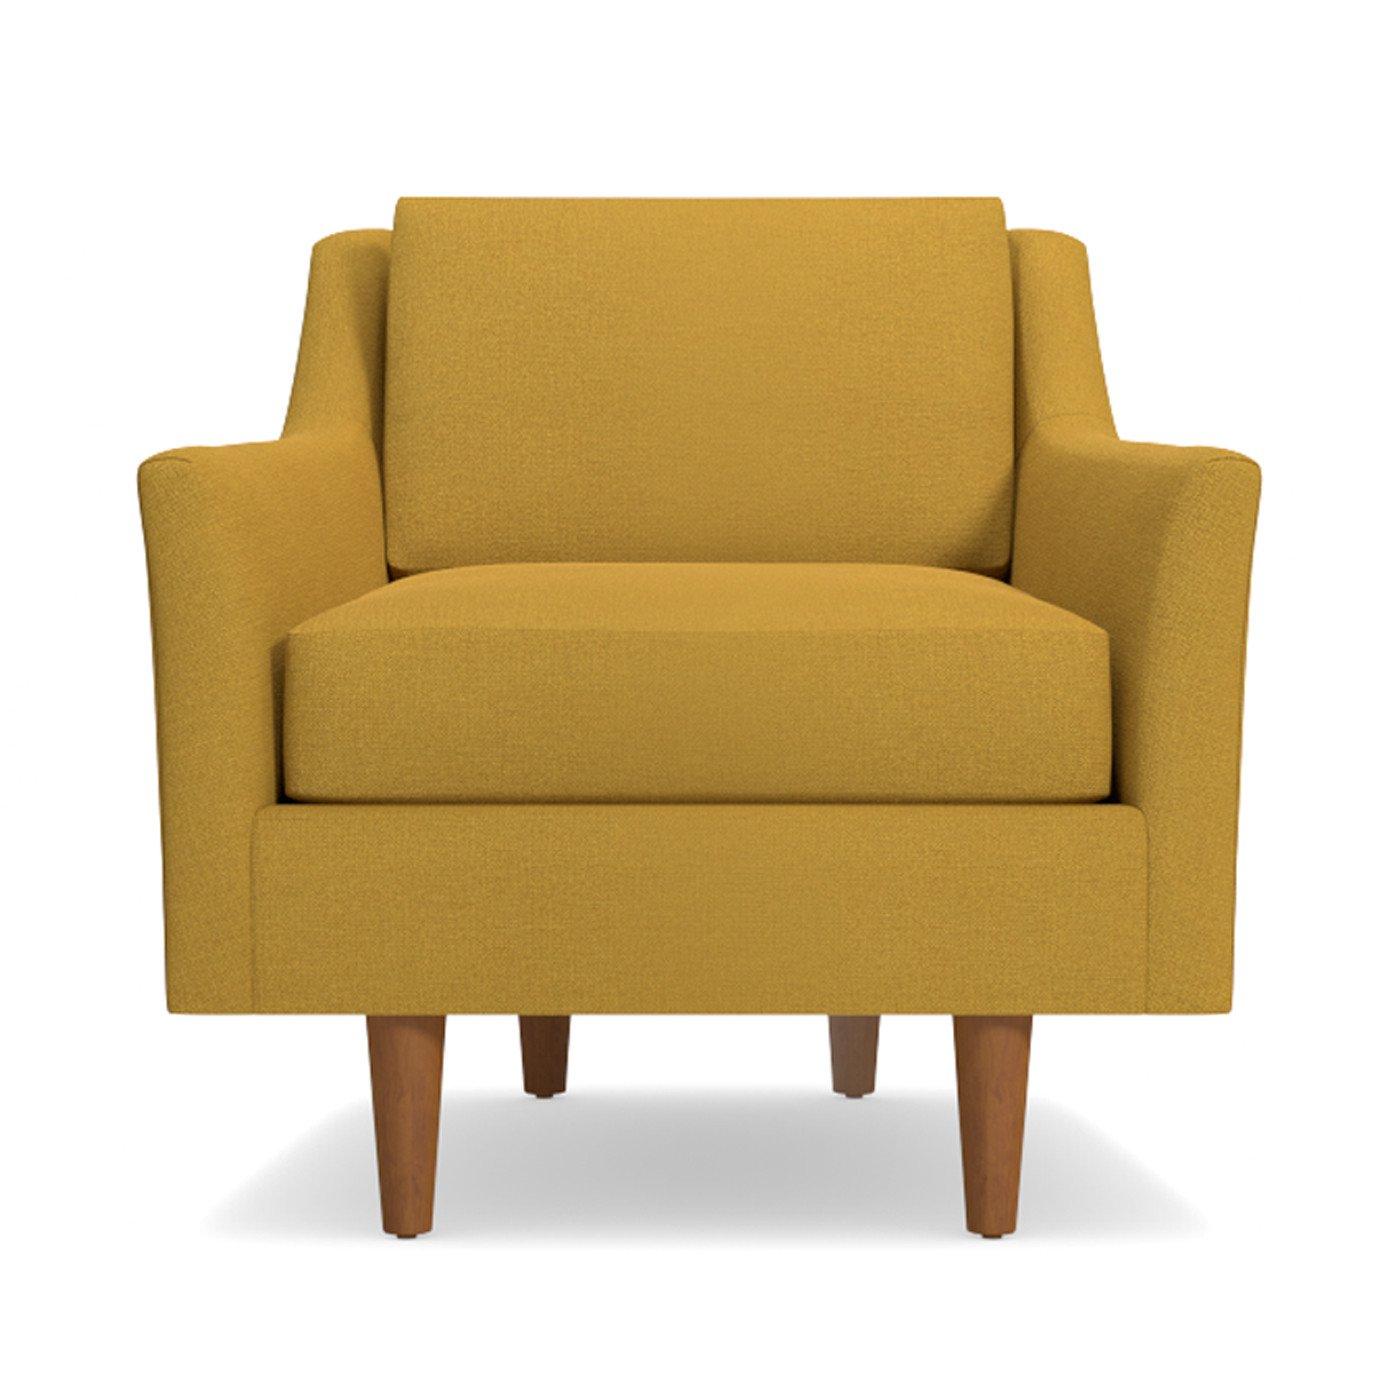 APT2 Chair